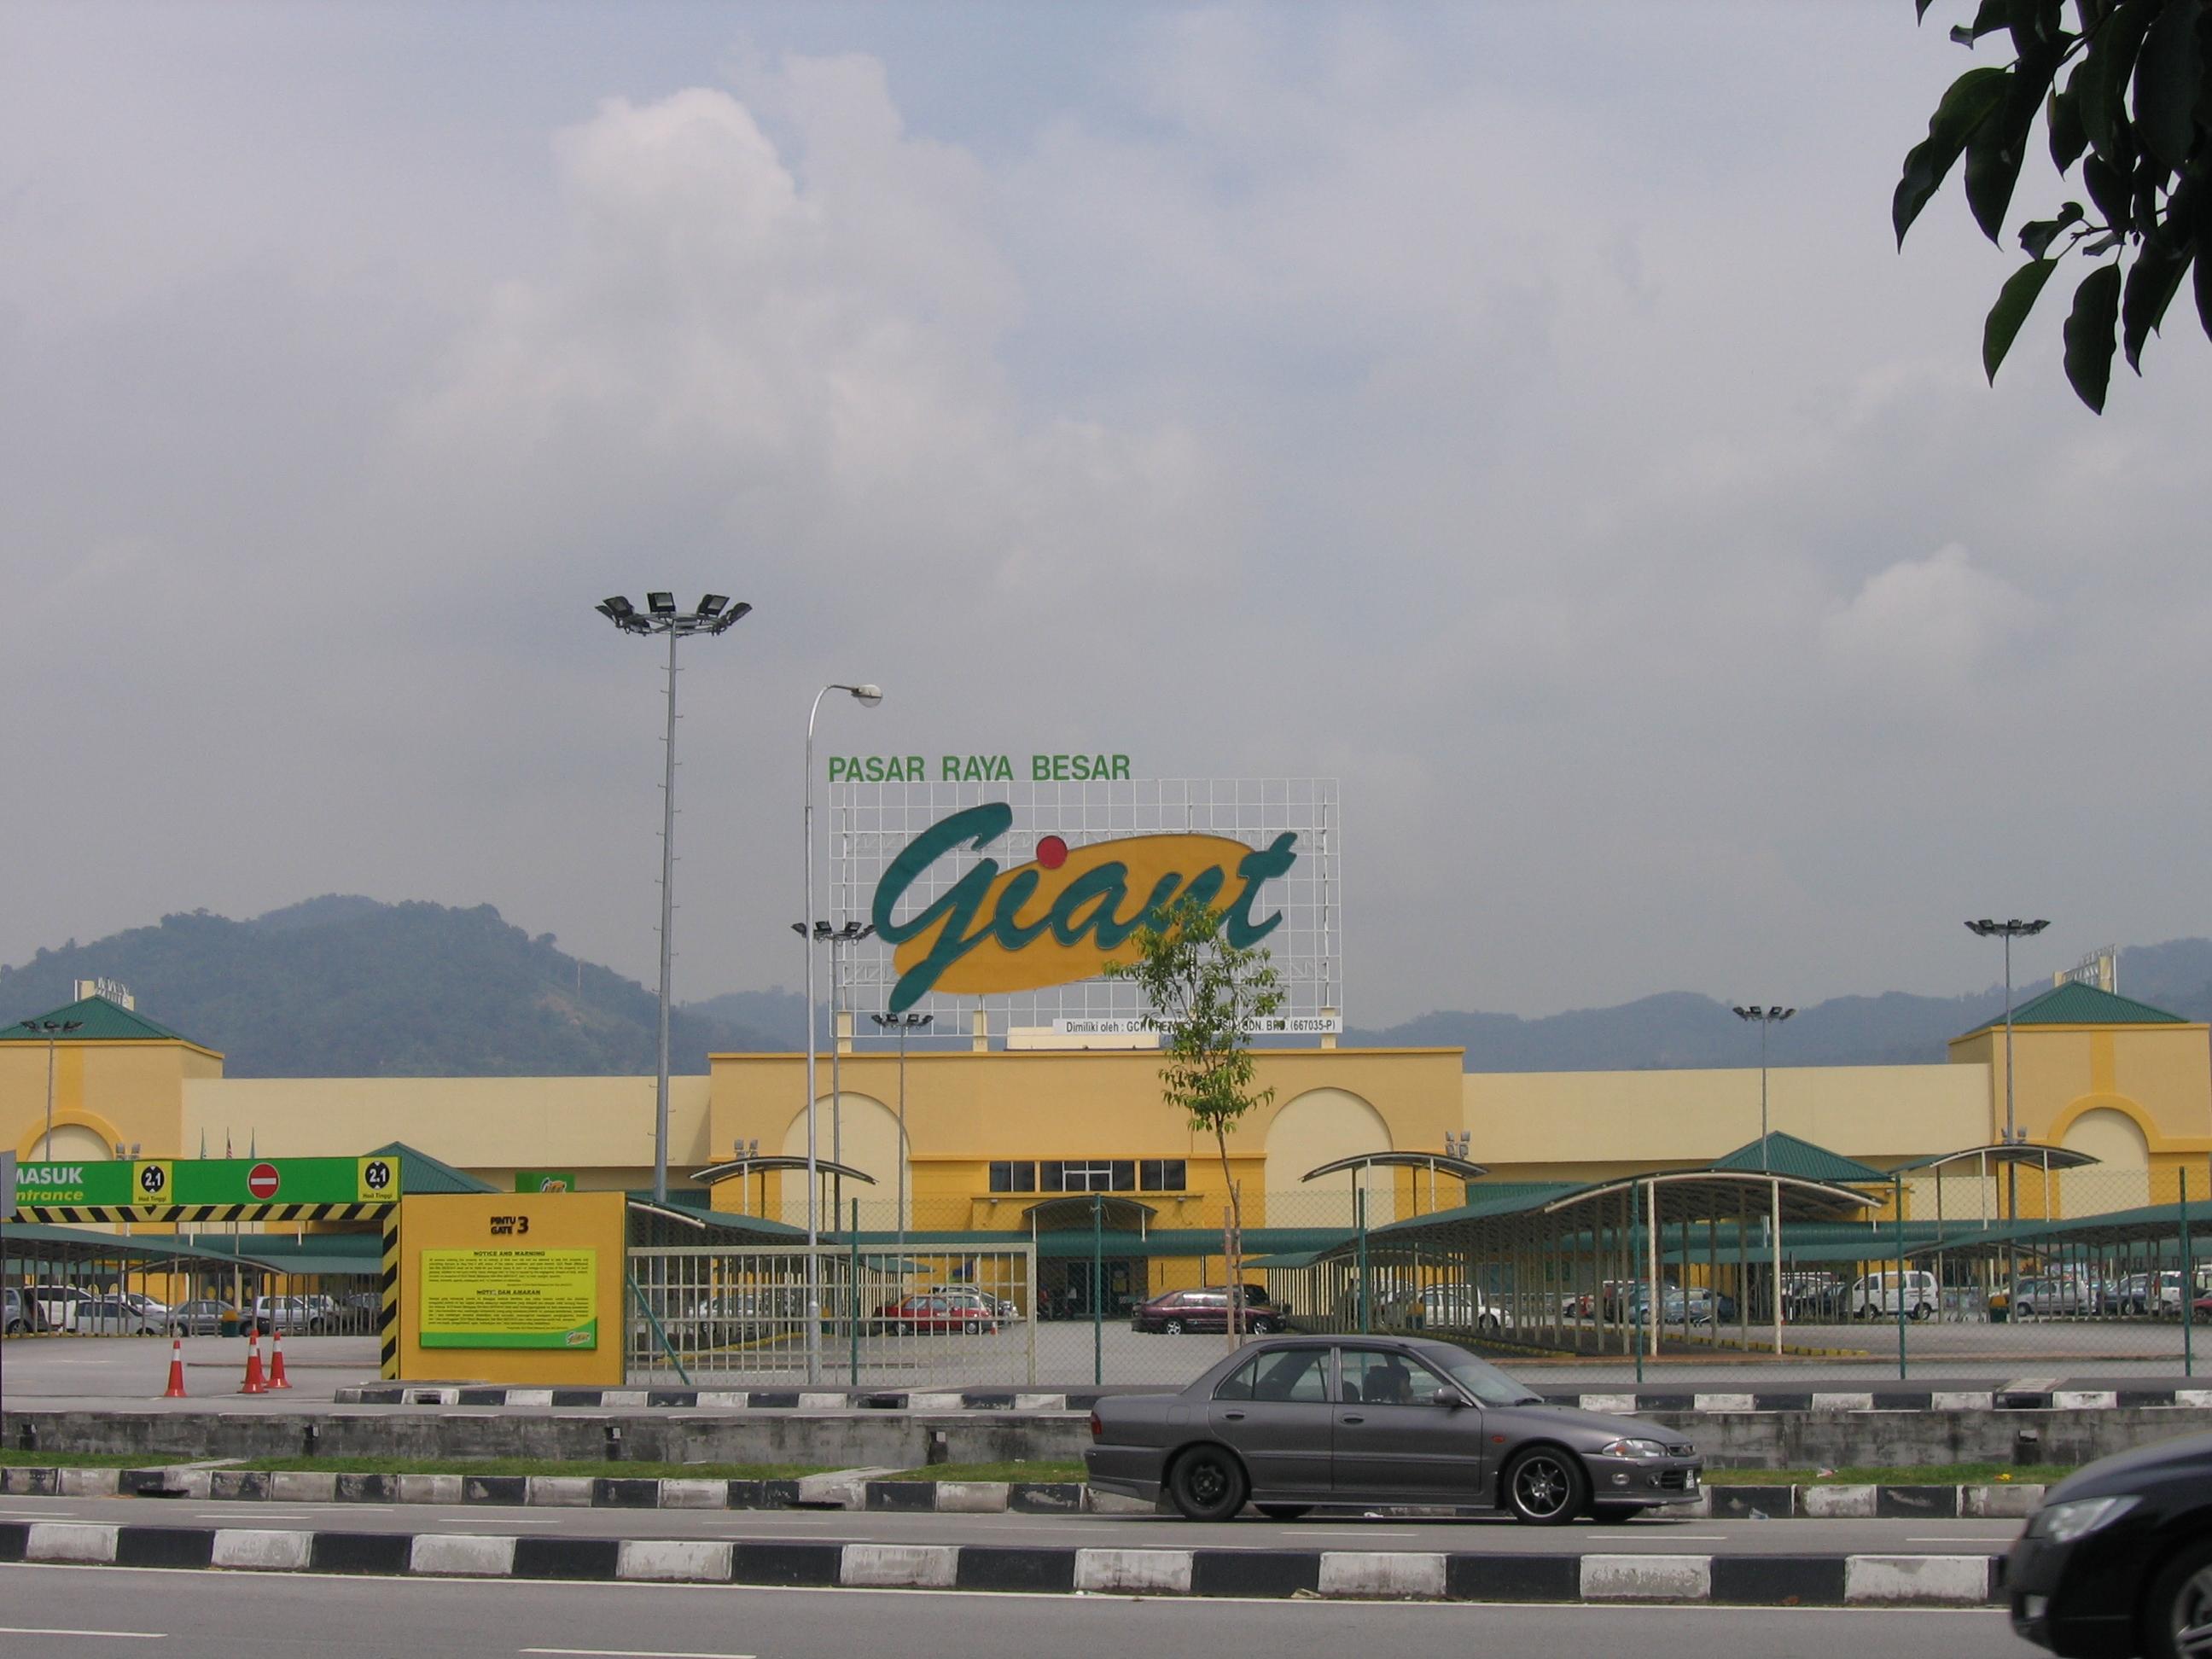 giant hypermarket Giant hypermarket, tasek rimba, bandar seri begawan, brunei 17k likes shopping mall.